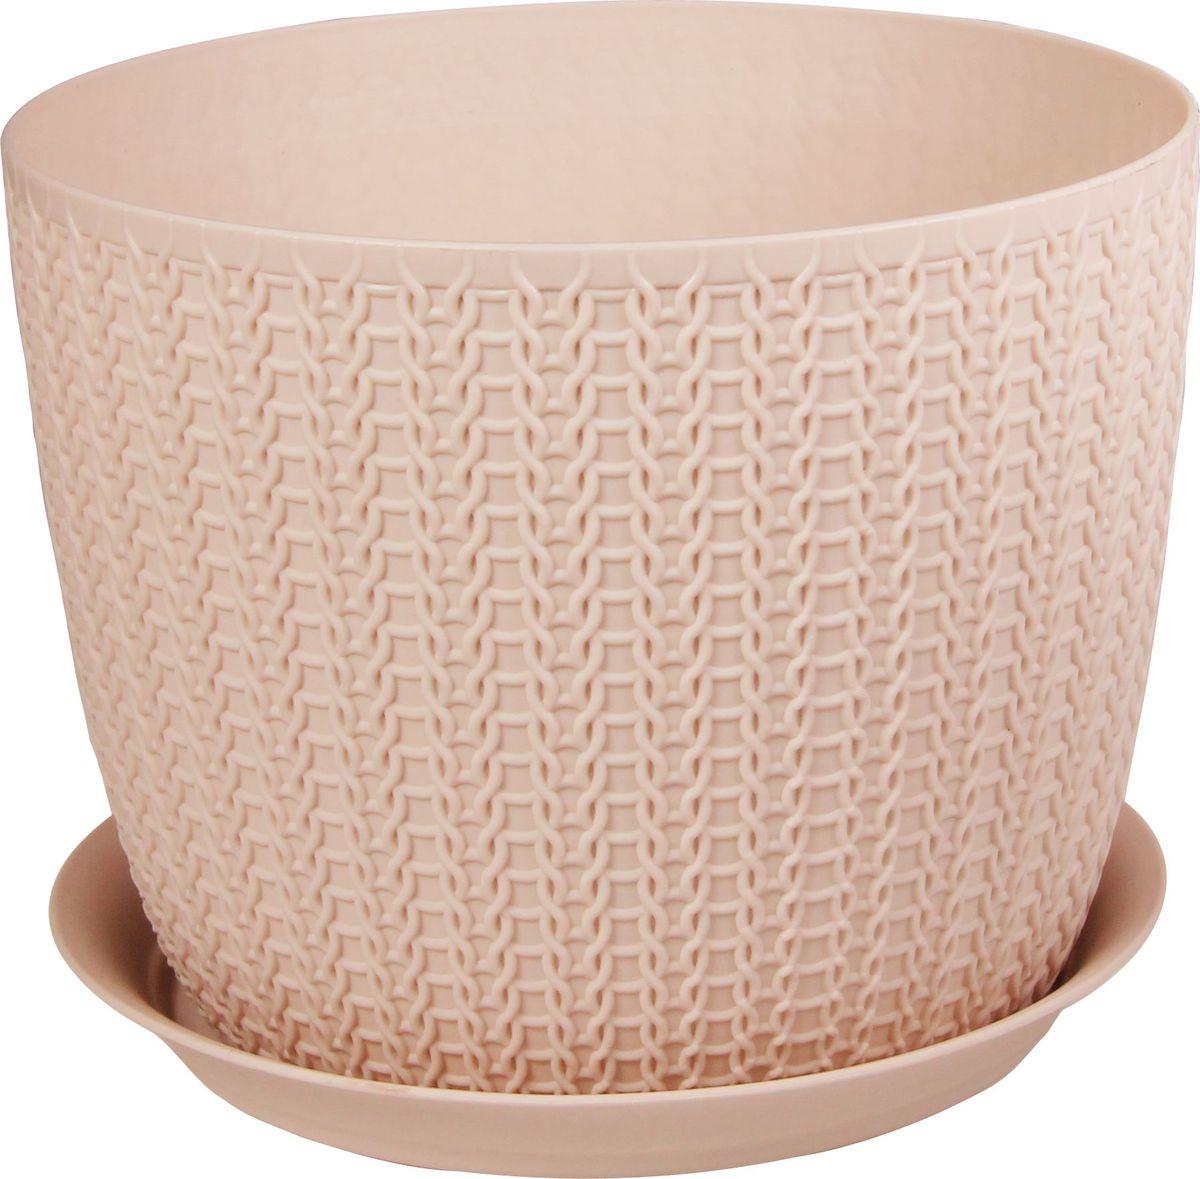 Кашпо Idea Вязание, с поддоном, цвет: чайная роза, диаметр 18 см250-1-bl-brКашпо Idea Вязание изготовлено из полипропилена (пластика). Специальная подставка предназначена для стока воды. Изделие прекрасно подходит для выращивания растений и цветов в домашних условиях.Диаметр кашпо: 18 см. Высота кашпо: 14 см. Объем кашпо: 2,8 л.